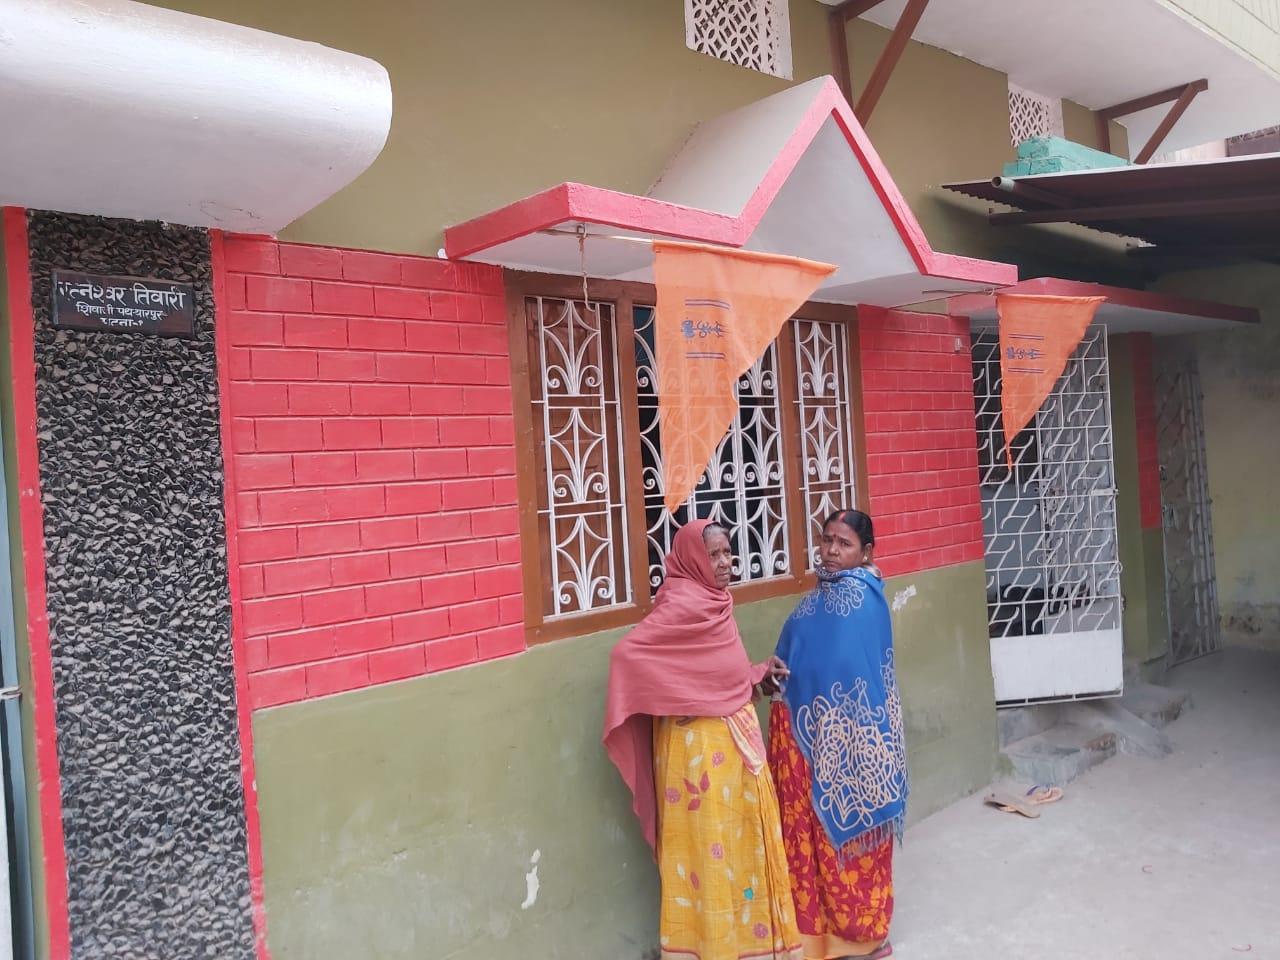 पटना के यारपुर के शिवाजी पथ के इसी घर में पिछले 15 सालों से रह रहा है परिवार।